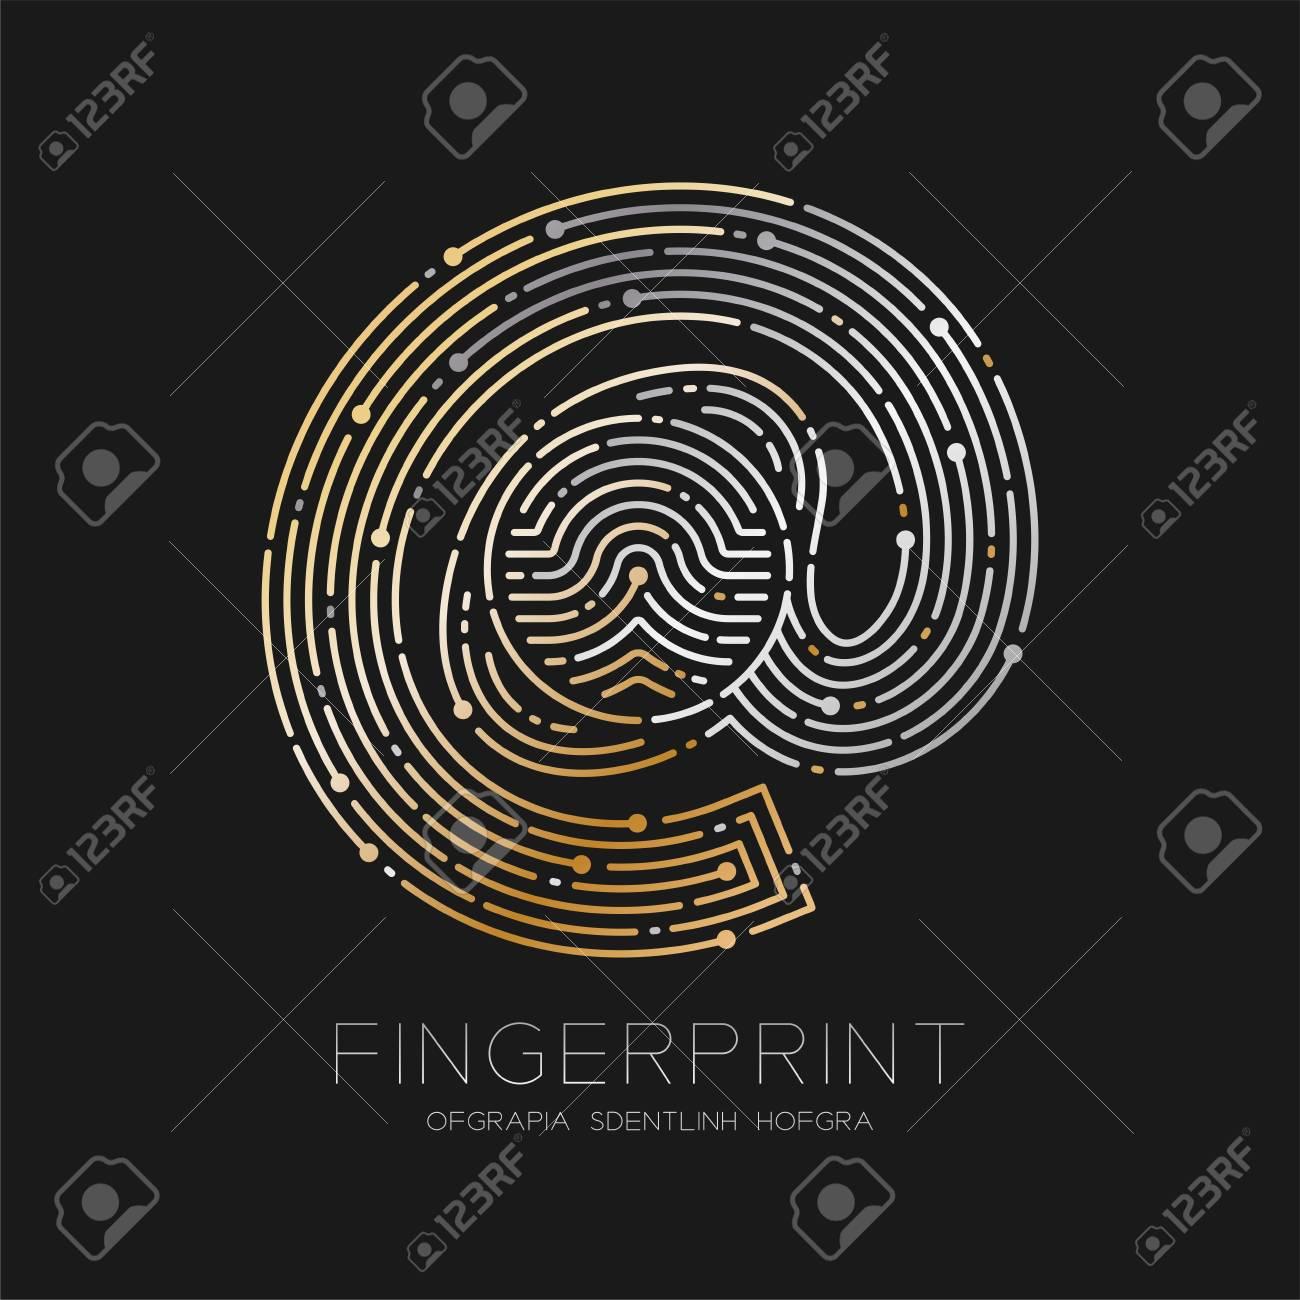 At sign icon fingerprint scan pattern logo dash line digital technology online concept illustration